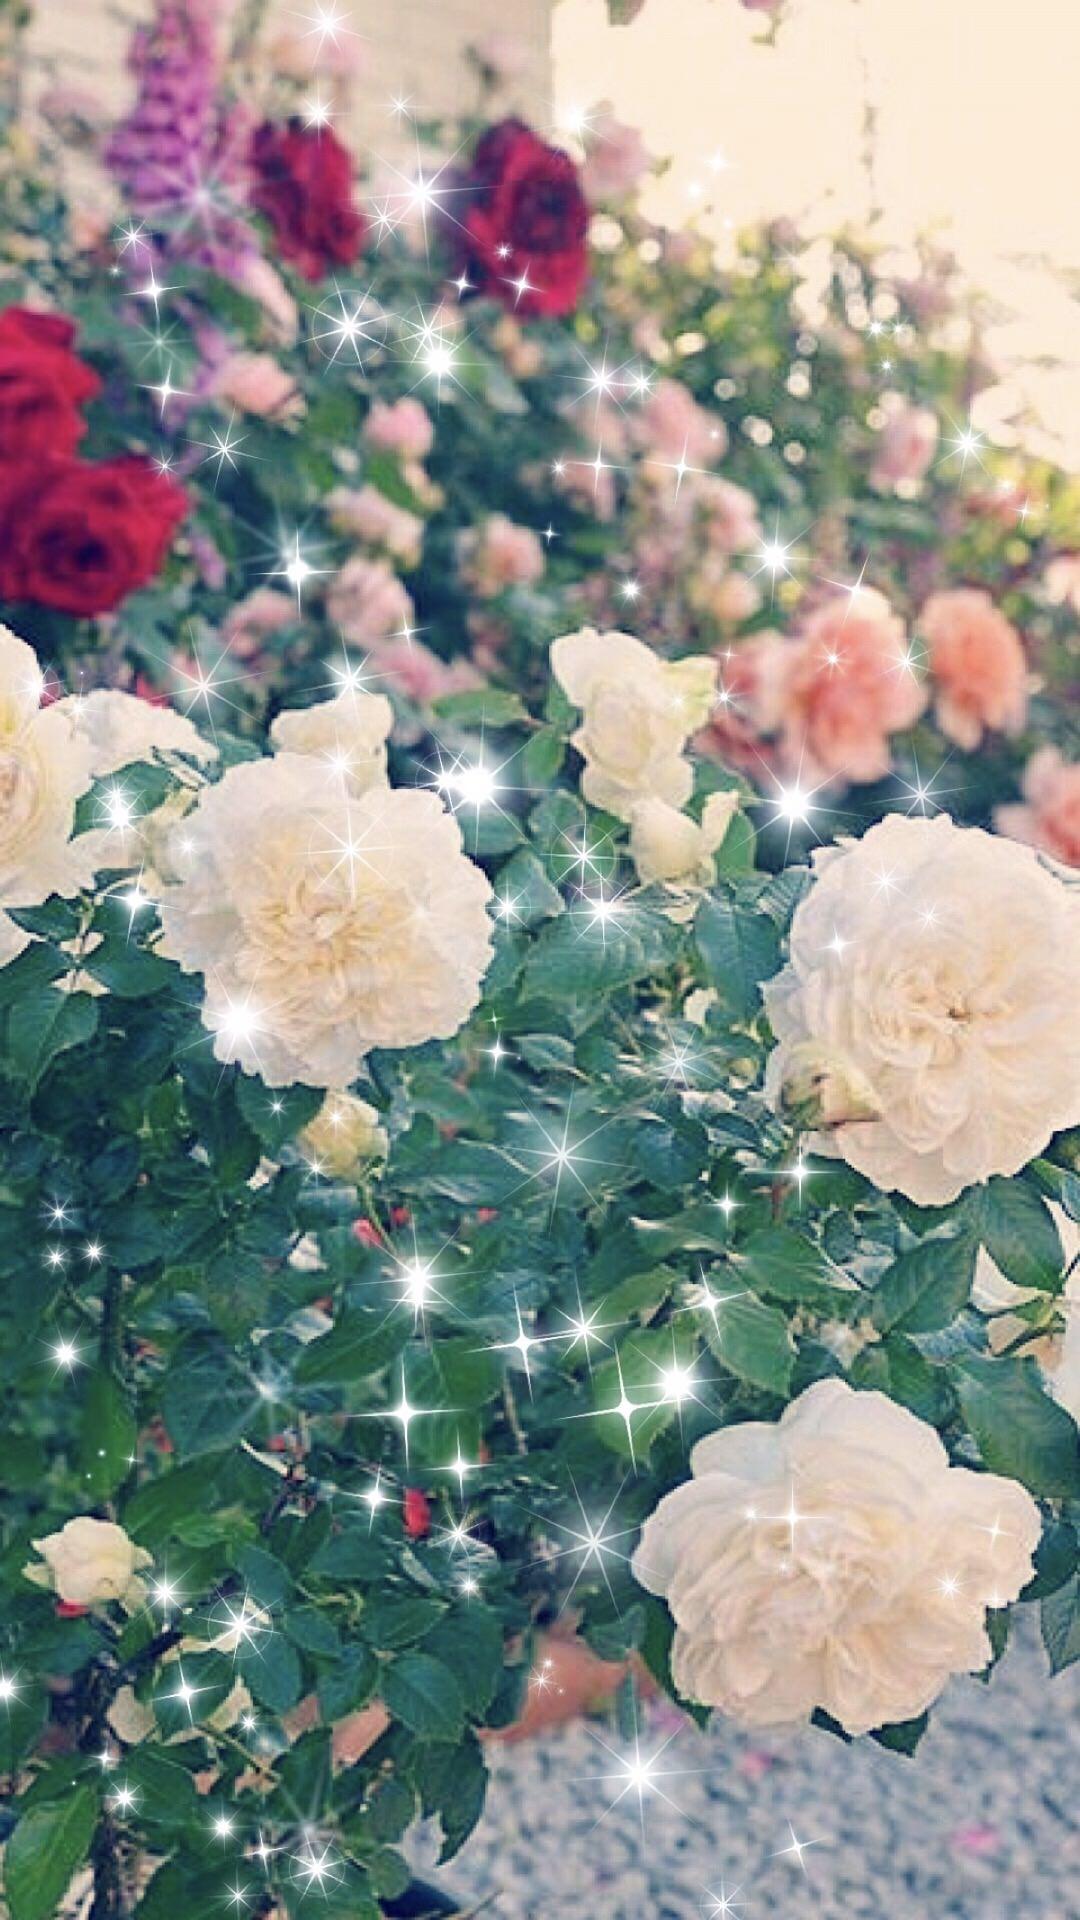 Kebun Bunga Mawar Wallpapersc Android